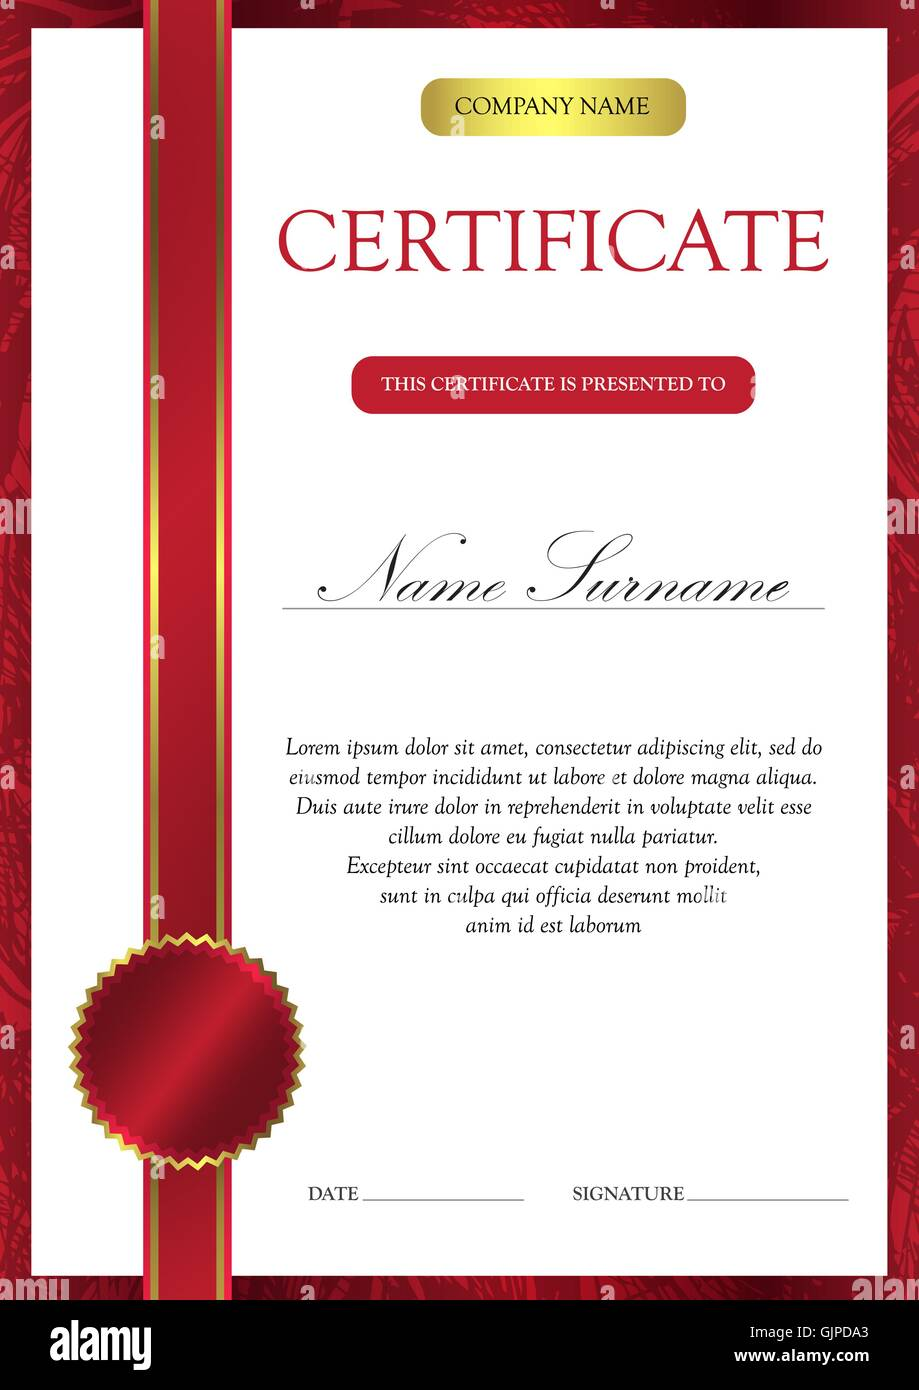 Fein Druckbare Leistung Zertifikate Zeitgenössisch - FORTSETZUNG ...